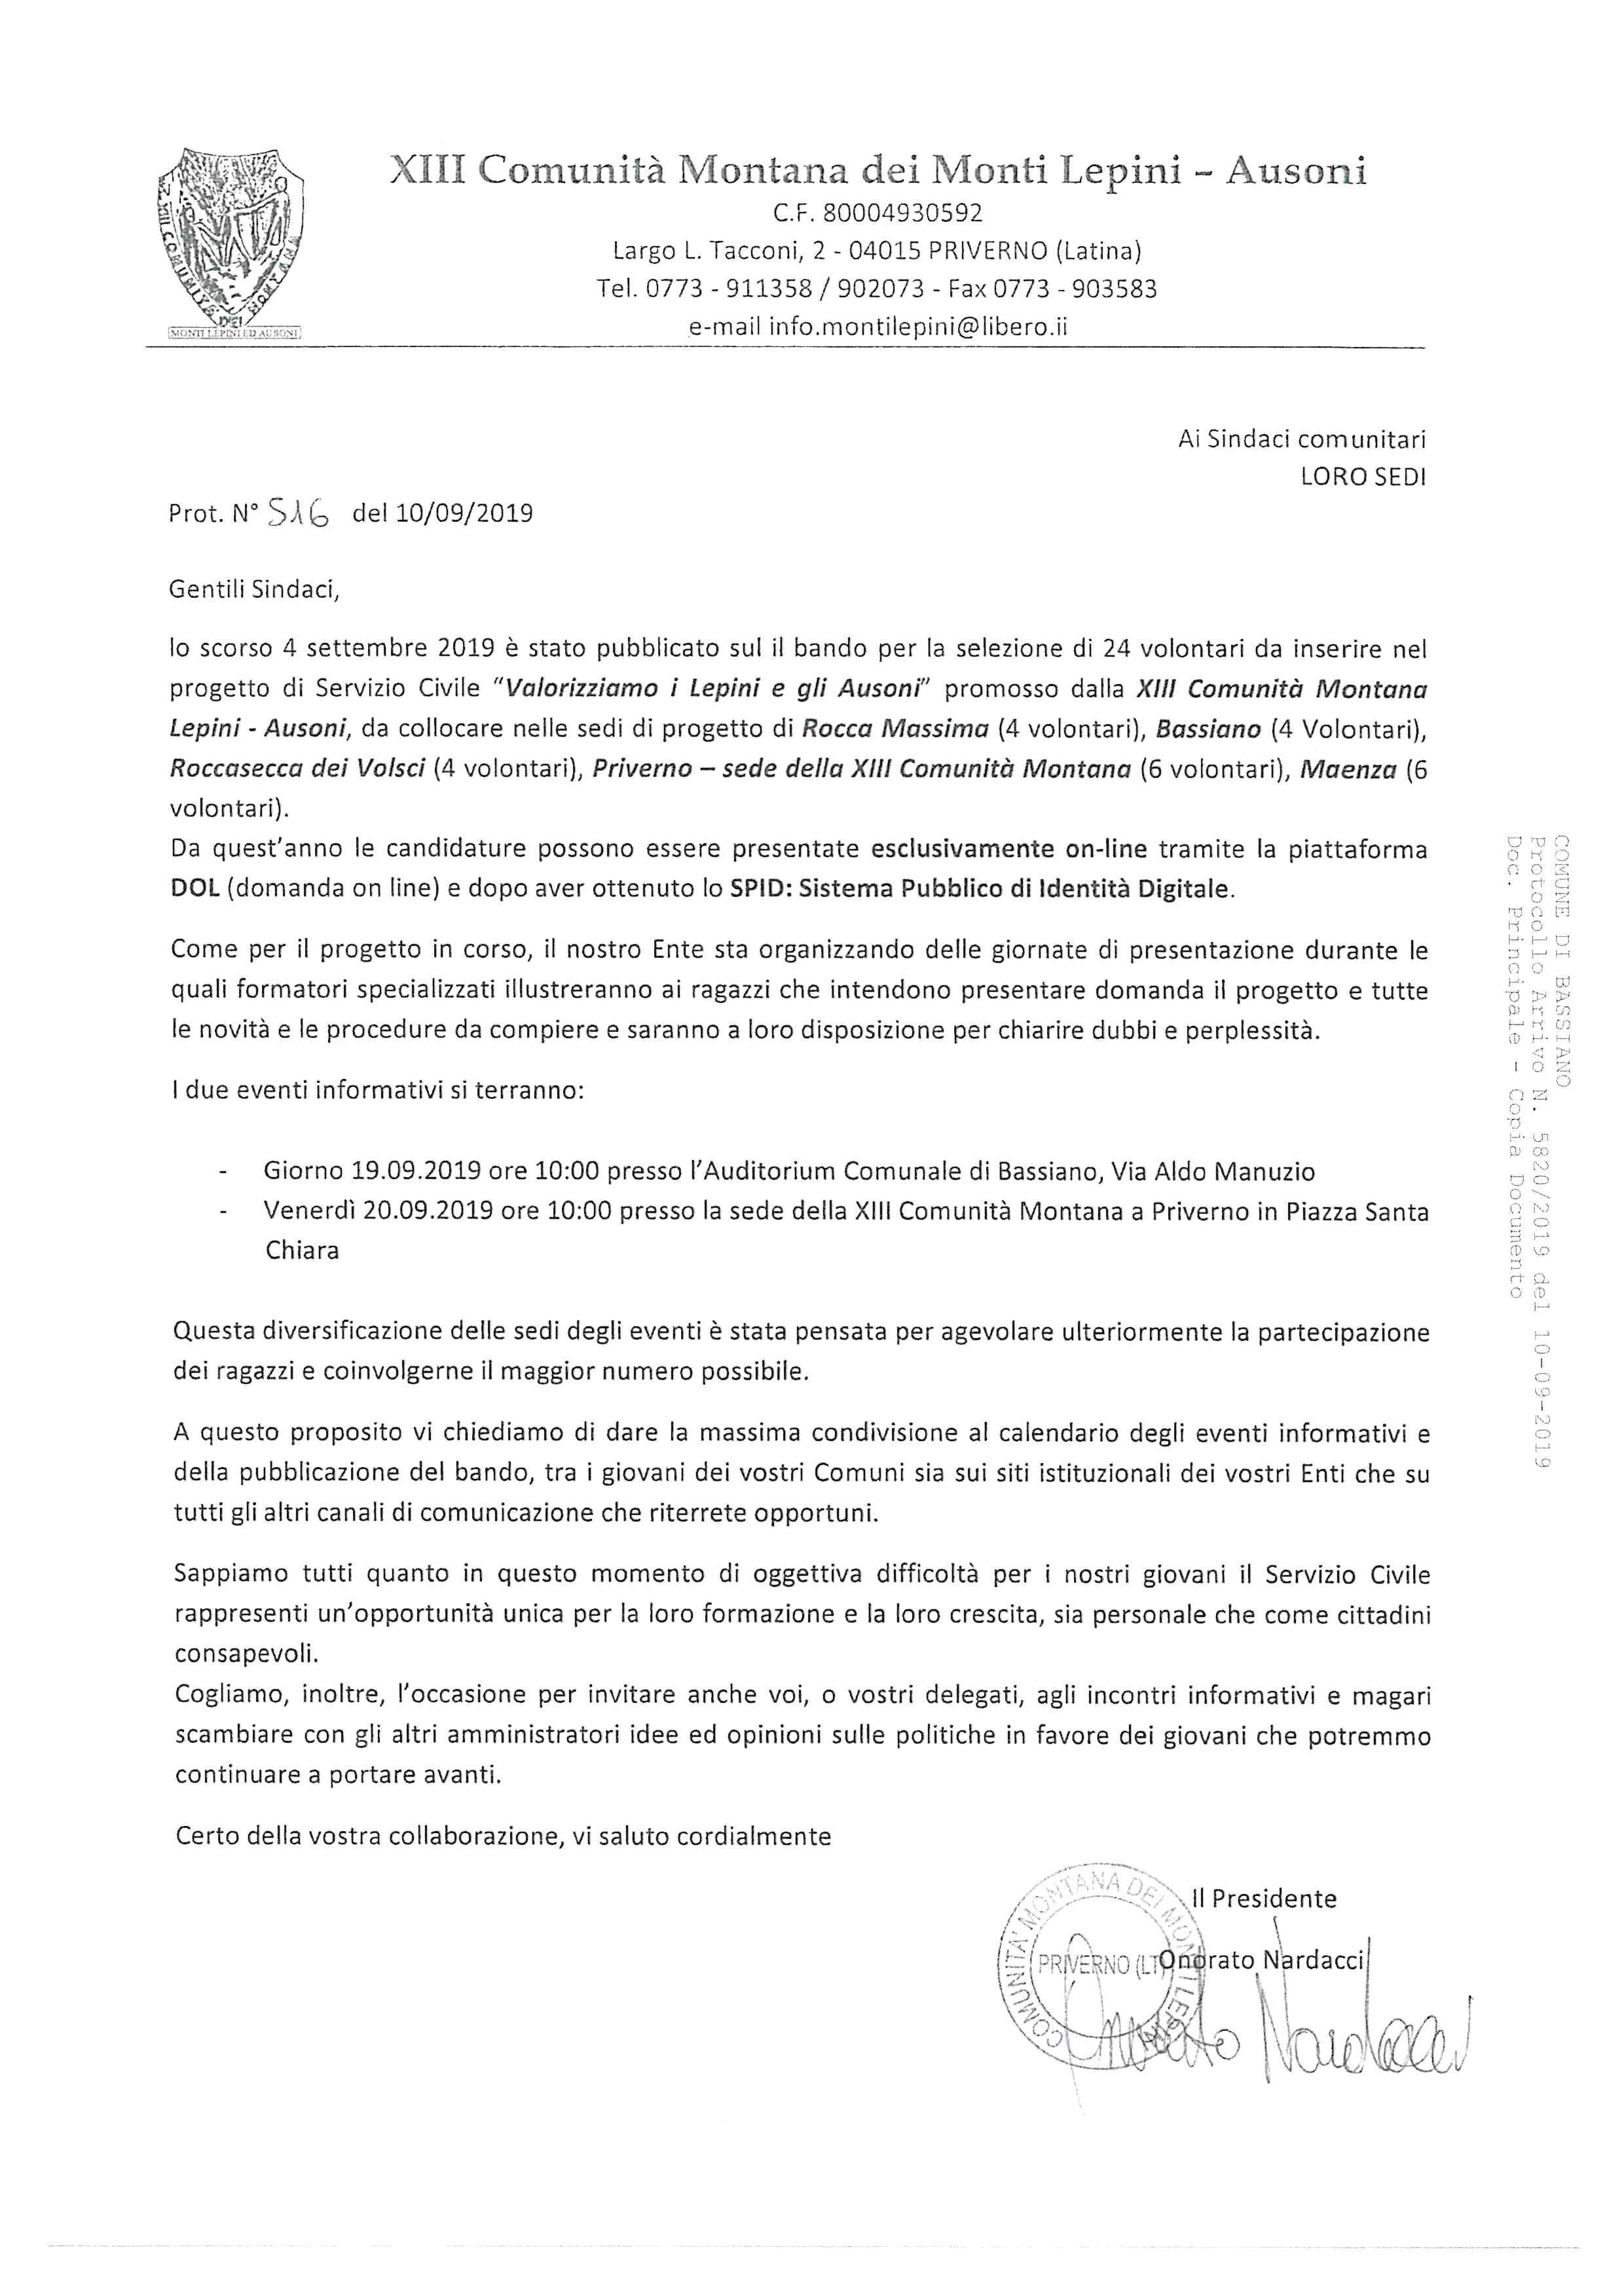 COMUNICAZIONE ATTIVAZIONE PROGETTO SERVIZIO CIVILE 2020 - PROGRAMMA INCONTRI.